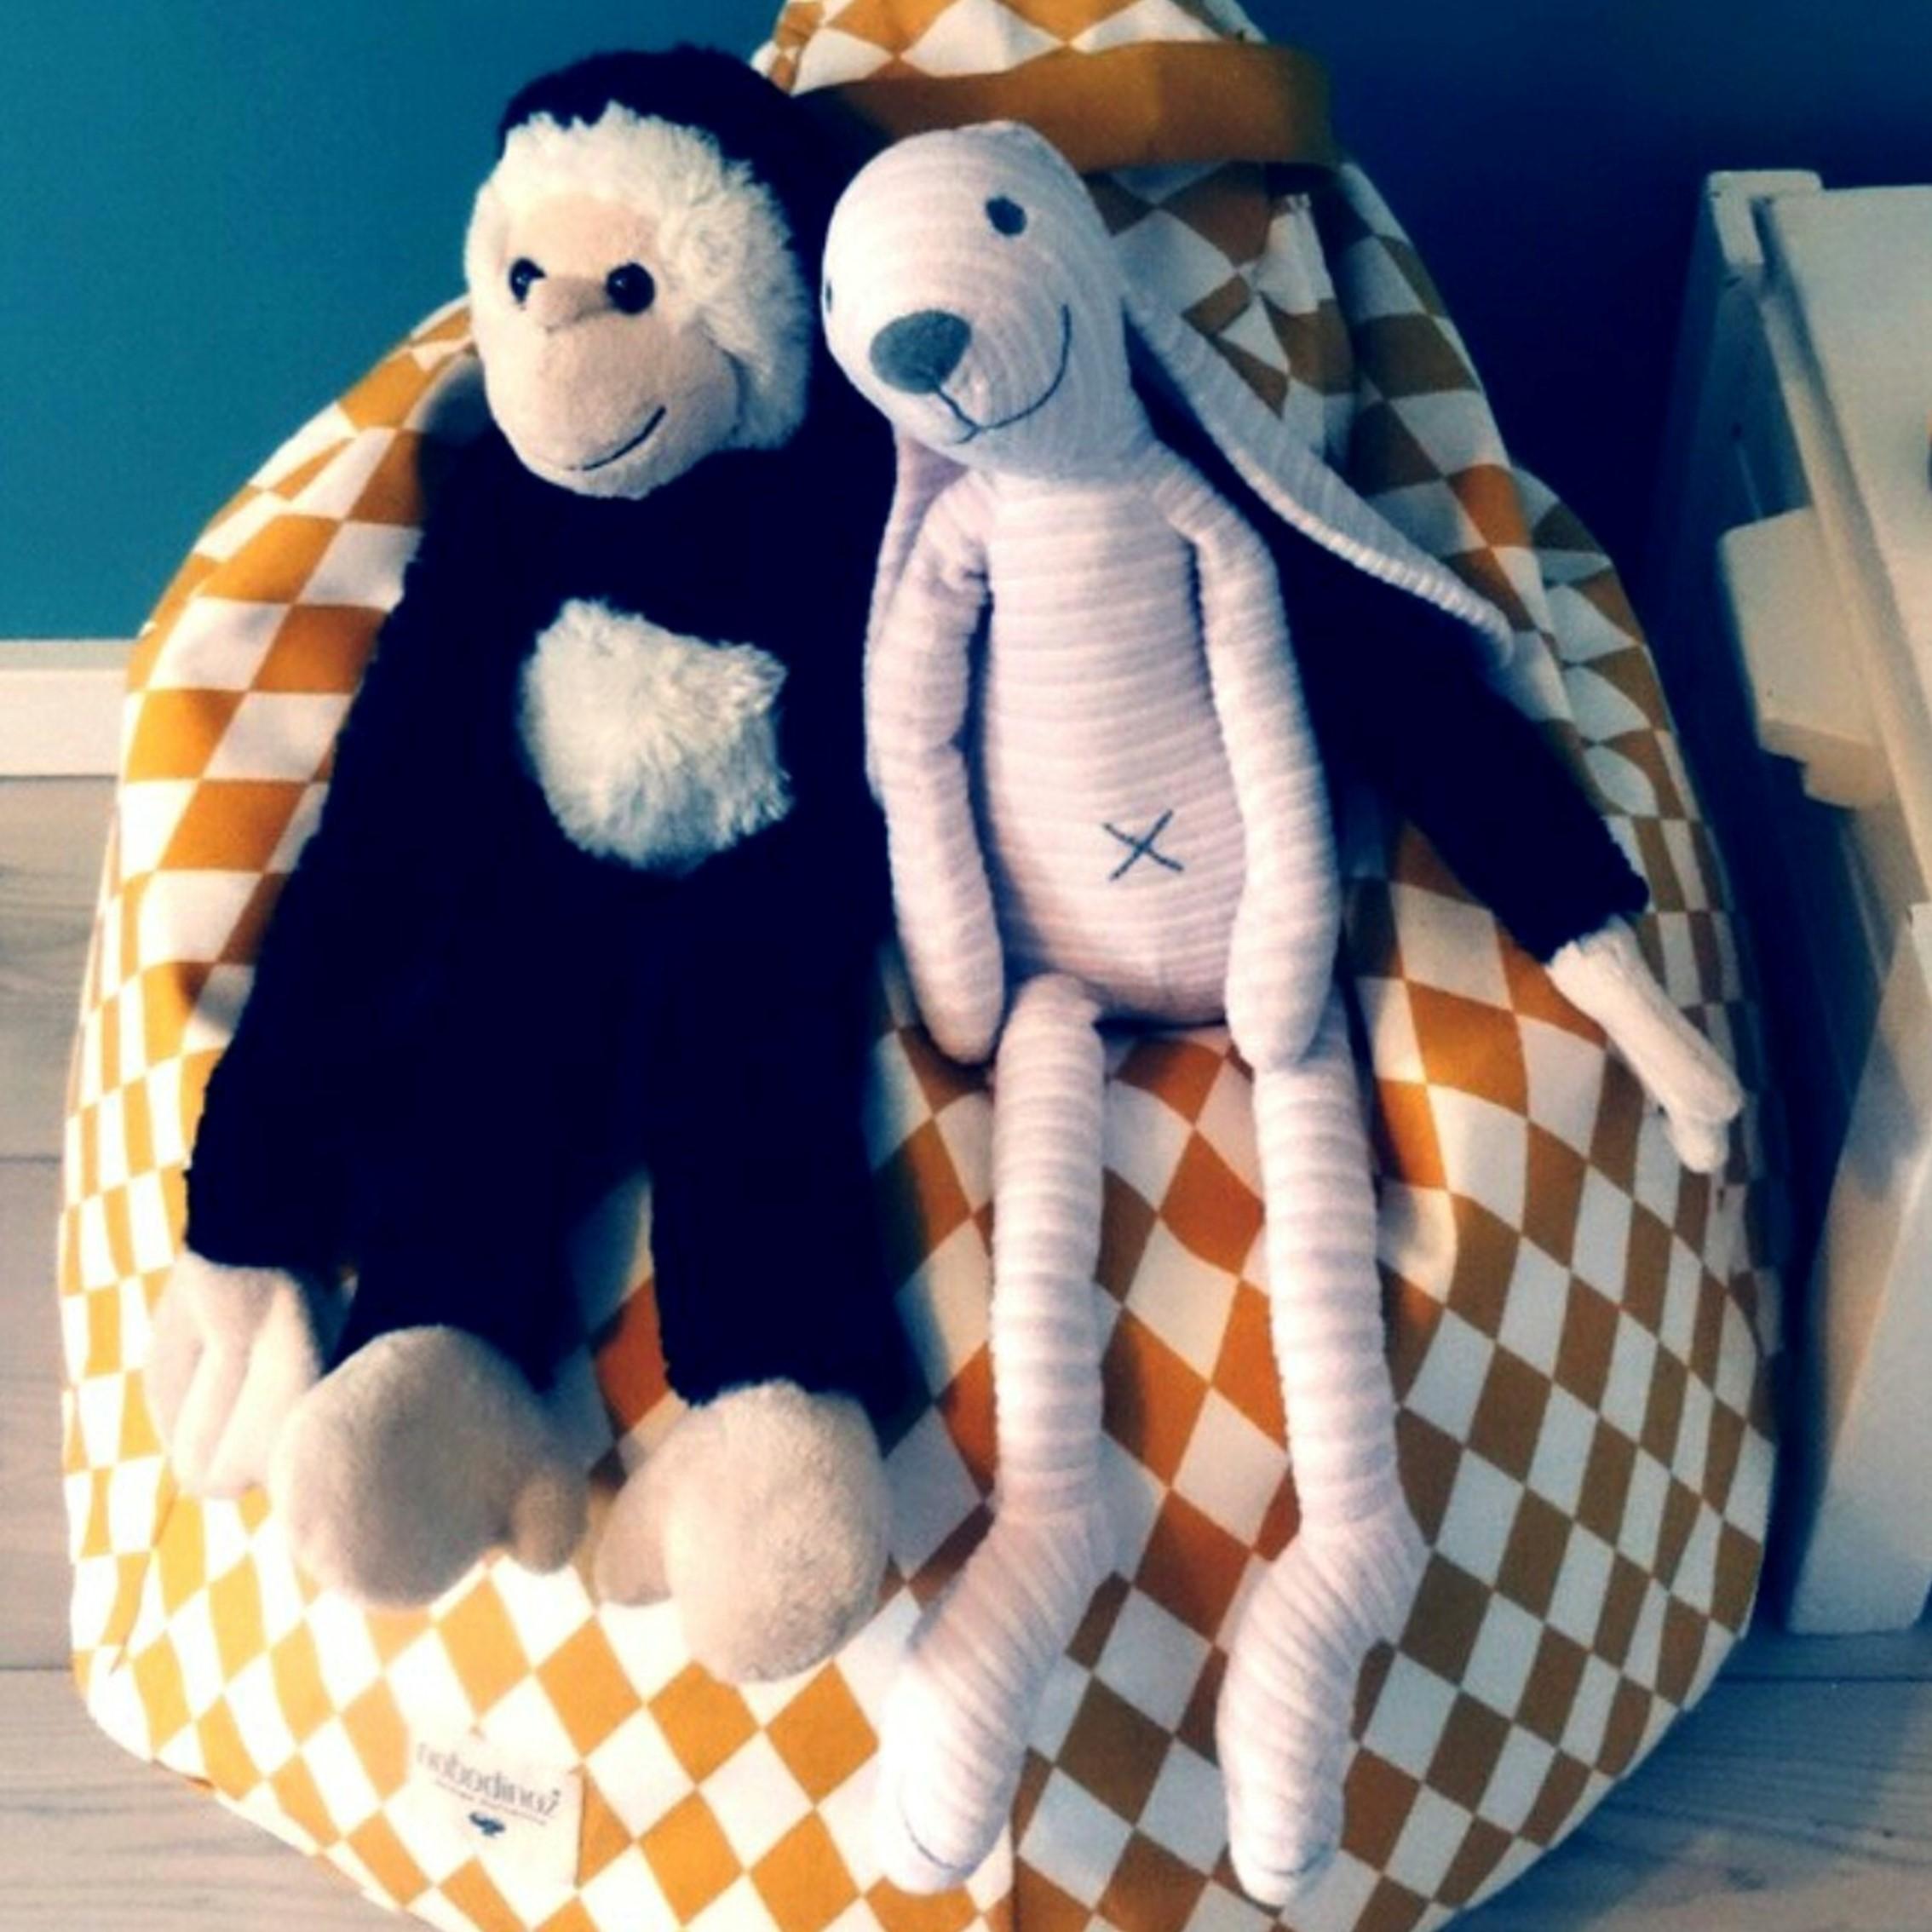 Peuter verjaardag: cadeau ideeën voor kinderen van 2 of 3 jaar - knuffels van Happy horse